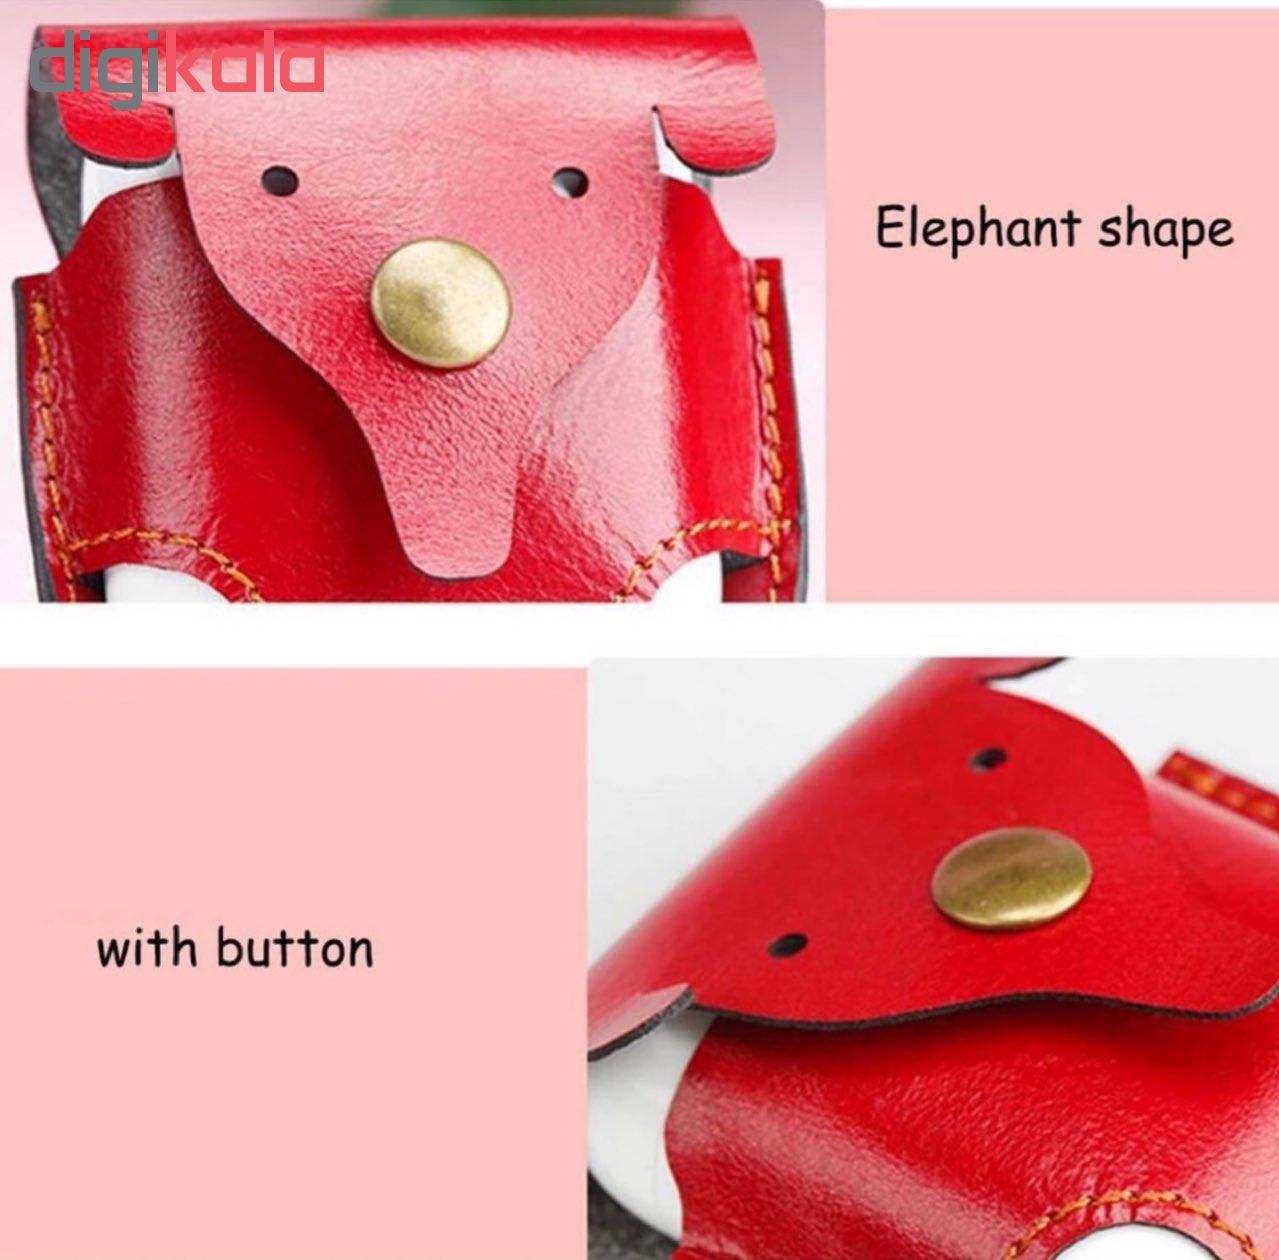 کاور محافظ مدل Elephant مناسب برای کیس ایرپاد main 1 4